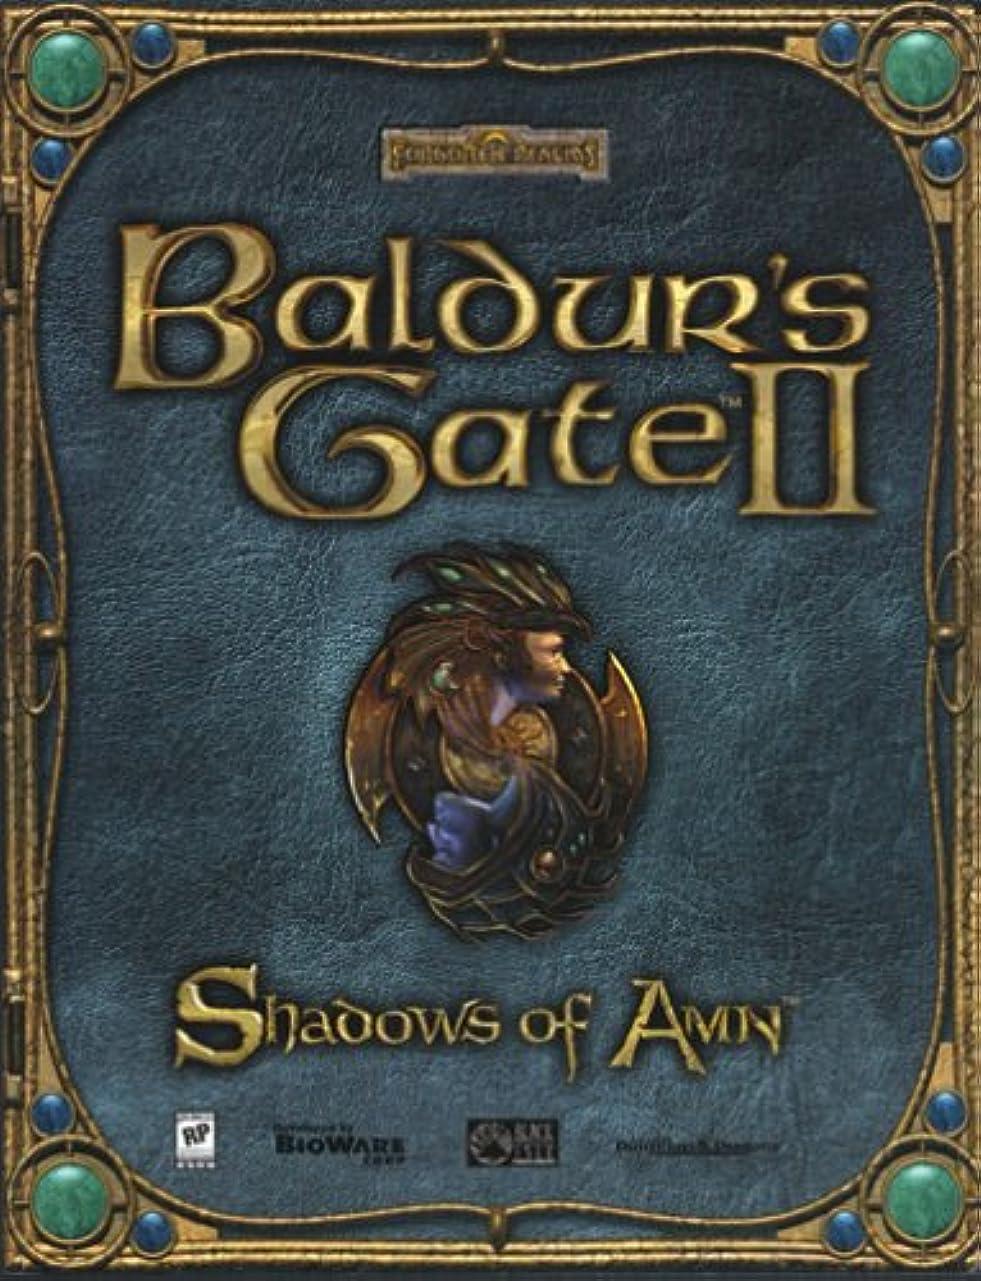 南西ファシズム真夜中Baldur's Gate 2: Shadows of Amn (輸入版)